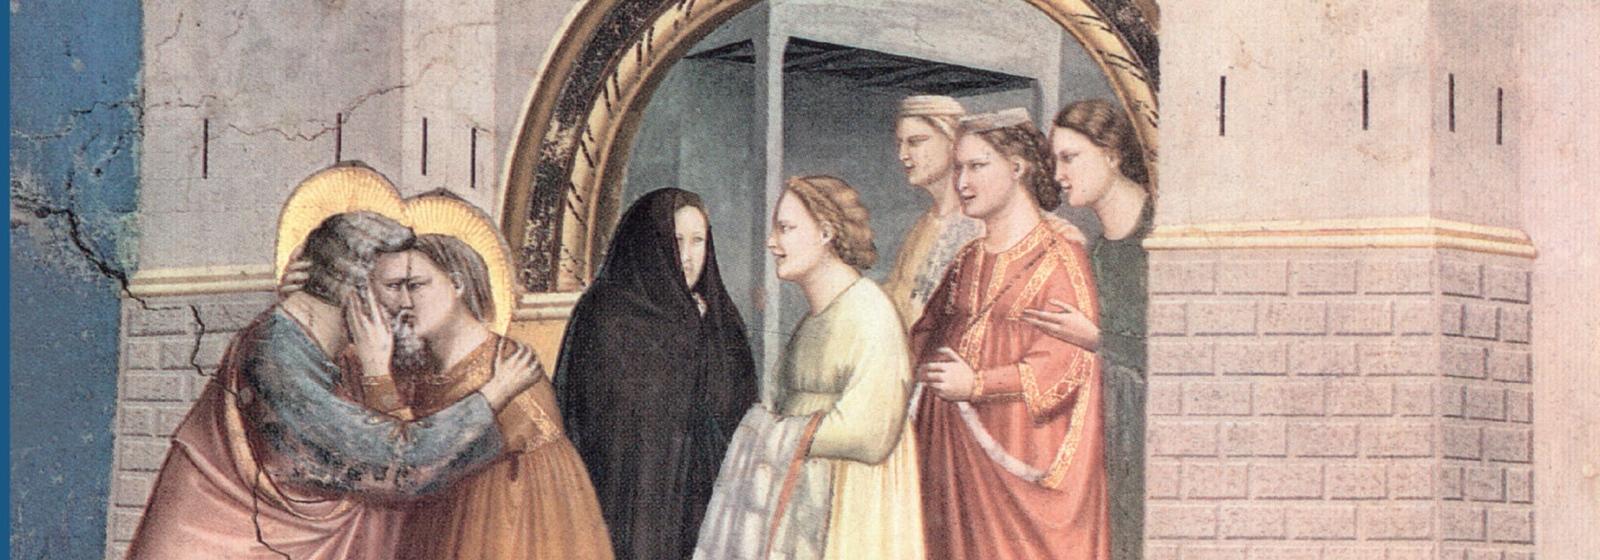 Settimana di preghiera per l'Unità dei Cristiani 2020 - Riflessioni Francescane